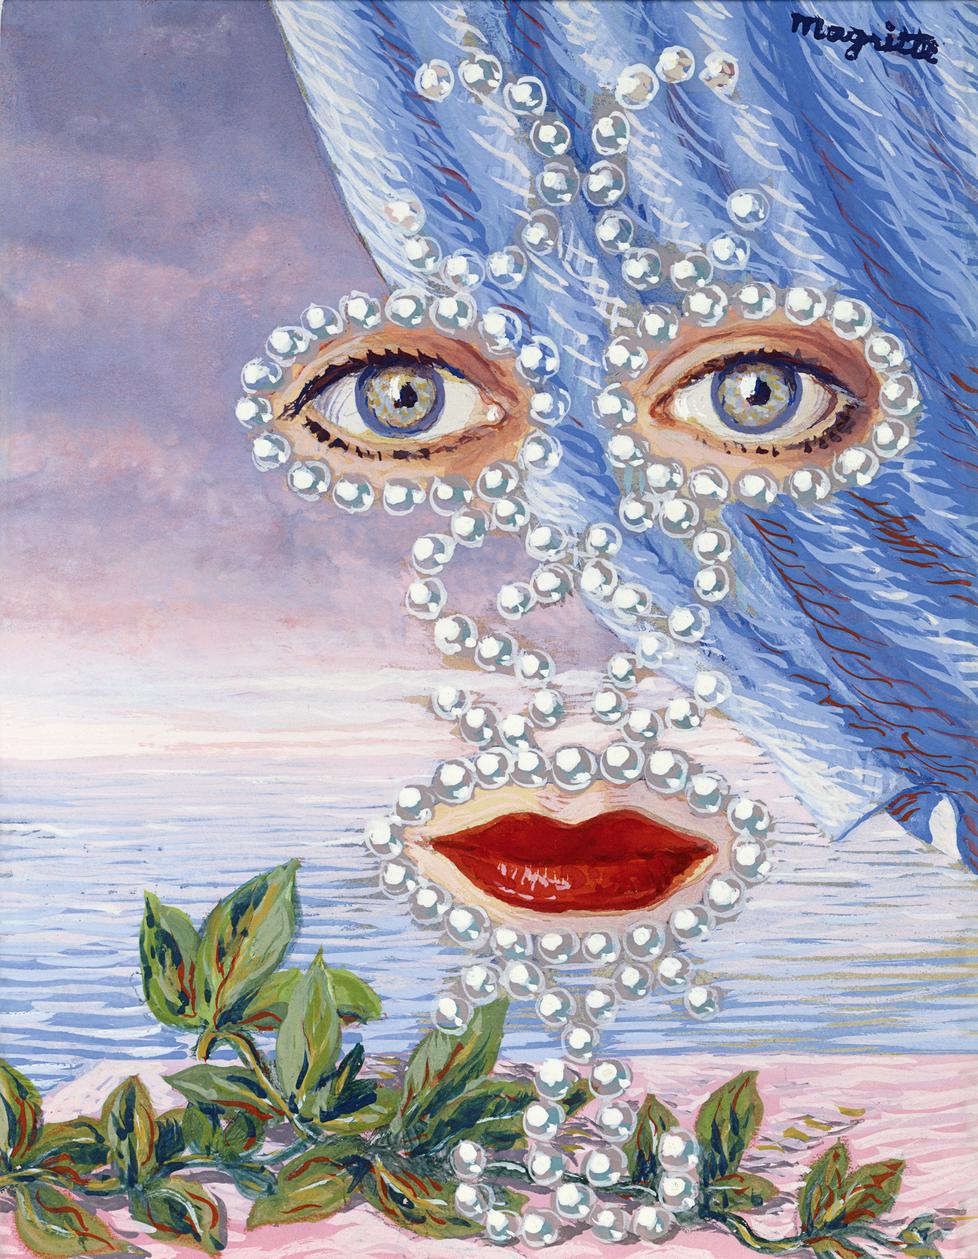 """""""Šeherazade tai Rachel Baesin muotokuva"""". Šeherazade oli Tuhannen ja yhden yön tarinoiden sankaritar, Rachel Baes belgialainen surrealisti."""